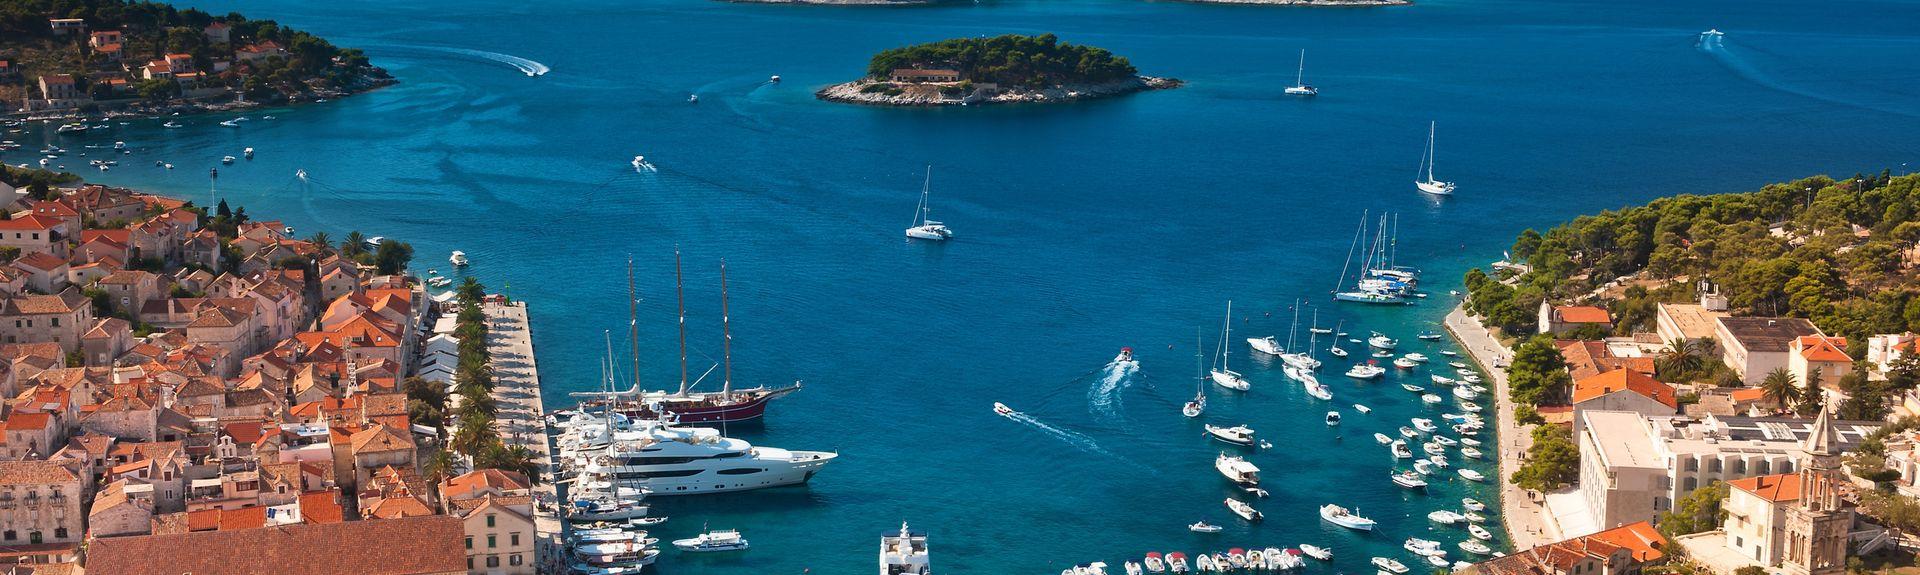 Hvar Island, Split-Dalmatia, Croatia